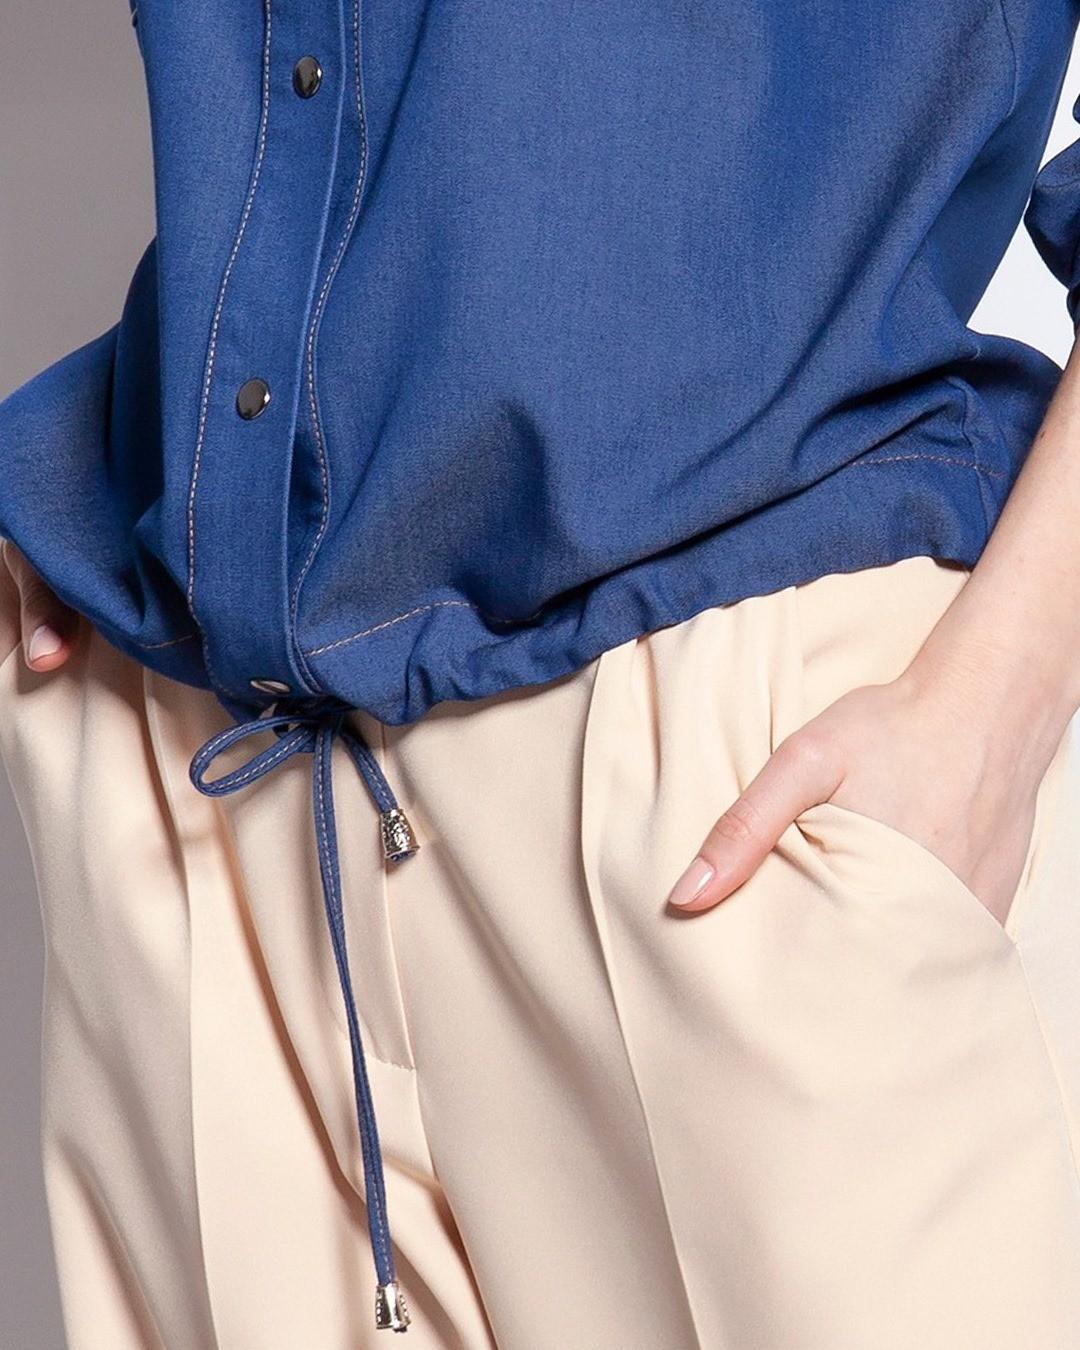 Po prostu: piękna wygoda. #pieknawygoda #casualwear #comfort #comfyclothes #polskamarka #polskiproducent